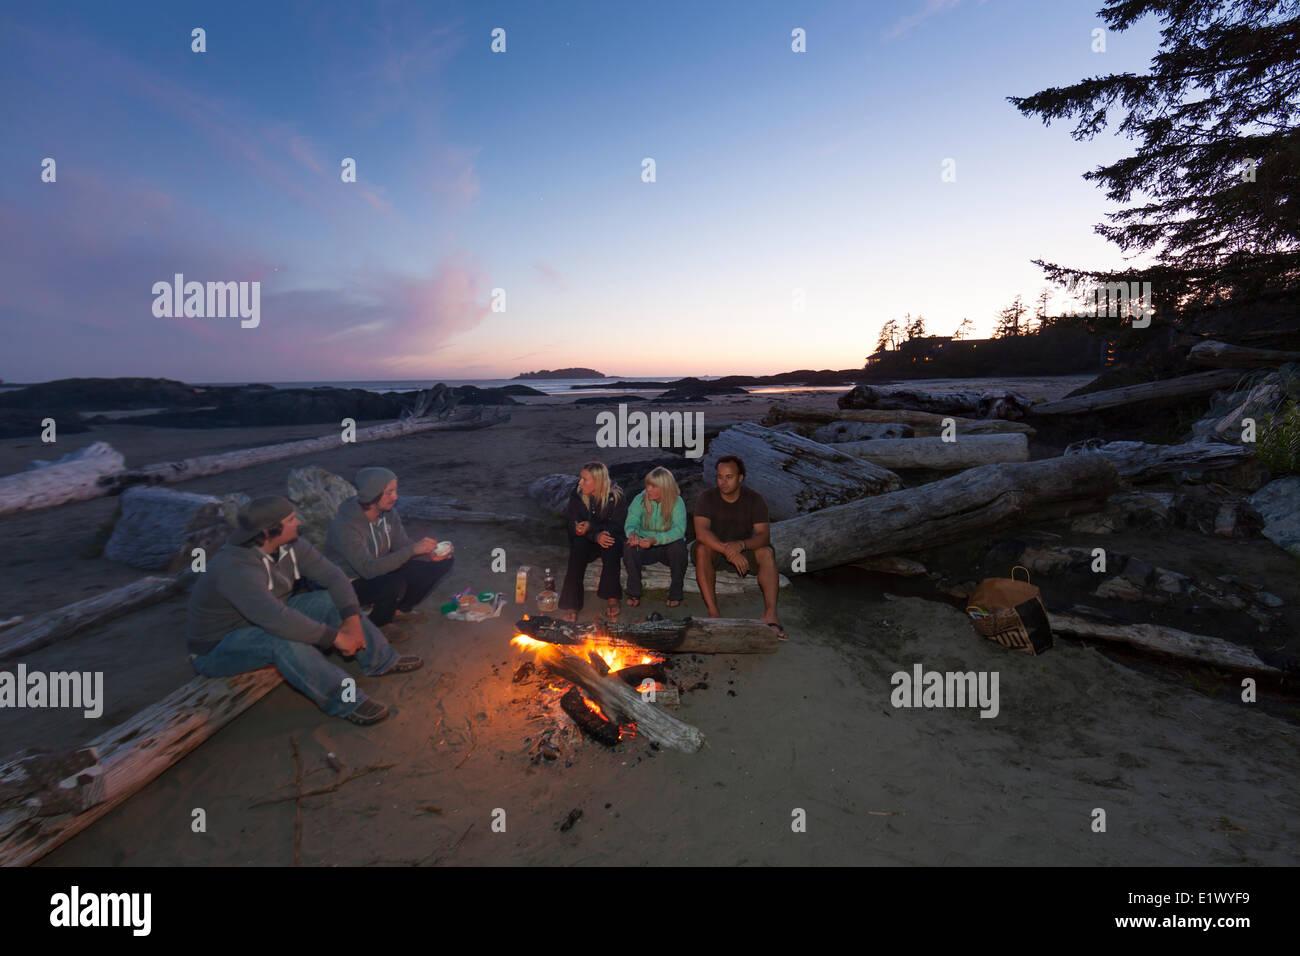 Los amigos se reúnen alrededor de un fuego para bocadillos de conversación en Chesterman Beach. Tofino Imagen De Stock